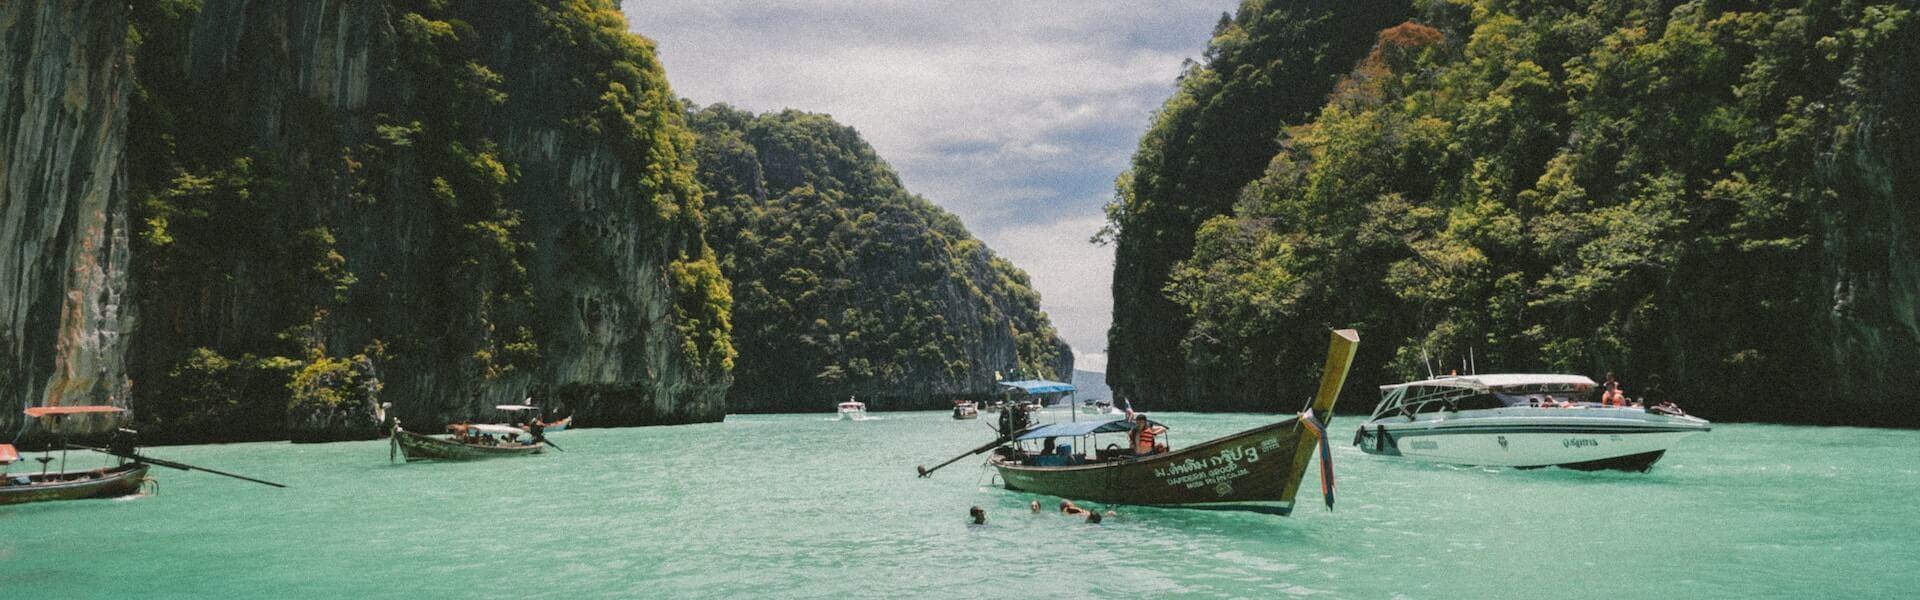 Flüge über Singapur nach Thailand - airguru.de